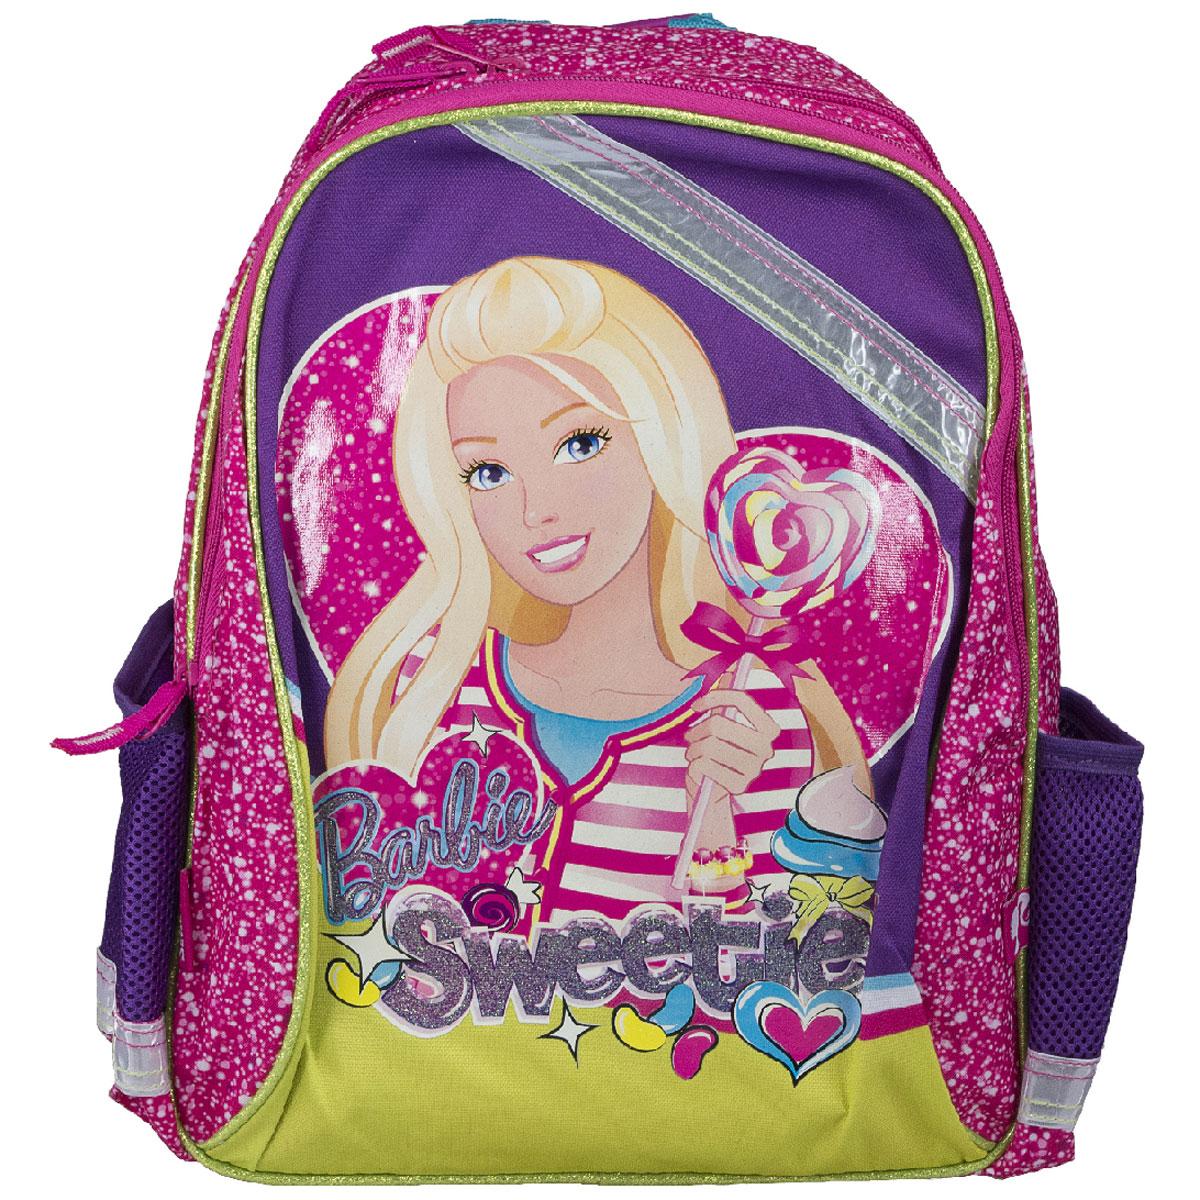 Рюкзак школьный Barbie Sweetie, цвет: розовый, фиолетовый. BRCB-MT1-97772523WDРюкзак школьный Barbie Sweetie обязательно понравится вашей школьнице. Выполнен из прочных и высококачественных материалов, дополнен изображением очаровательной Барби.Содержит два вместительных отделения, закрывающиеся на застежки-молнии. В большом отделении находится перегородка для тетрадей или учебников. Дно рюкзака можно сделать жестким, разложив специальную панель с пластиковой вставкой, что повышает сохранность содержимого рюкзака и способствует правильному распределению нагрузки. По бокам расположены два накладных кармана-сетка. Конструкция спинки дополнена противоскользящей сеточкой и системой вентиляции для предотвращения запотевания спины ребенка. Мягкие широкие лямки позволяют легко и быстро отрегулировать рюкзак в соответствии с ростом. Рюкзак оснащен эргономичной ручкой для удобной переноски в руке. Светоотражающие элементы обеспечивают безопасность в темное время суток.Такой школьный рюкзак станет незаменимым спутником вашего ребенка в походах за знаниями.Вес рюкзака без наполнения: 550 г.Рекомендуемый возраст: от 7 лет.